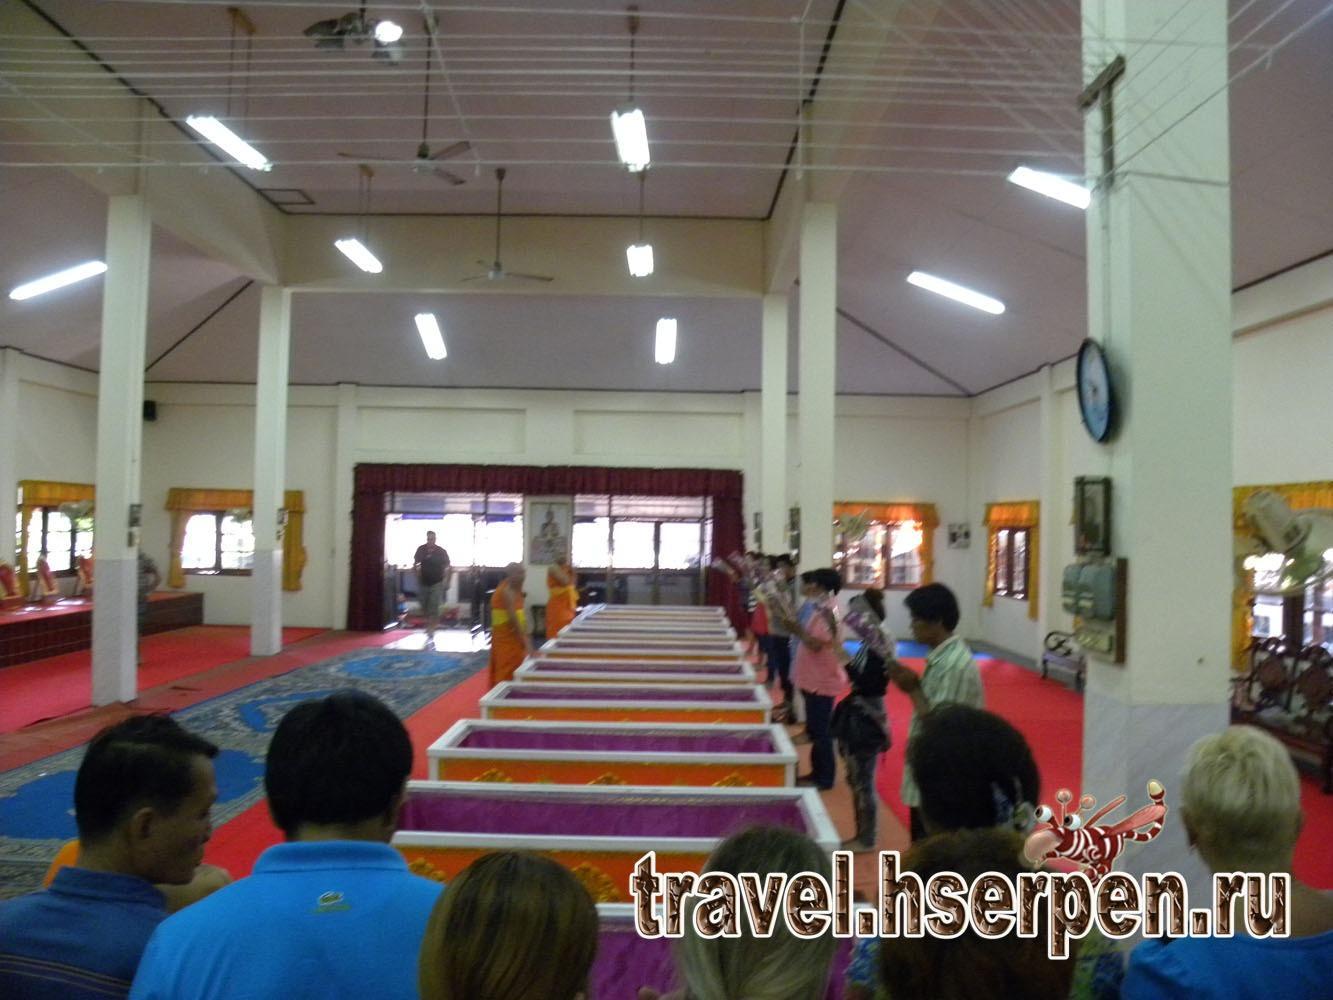 Фото дня: Похороны неудачи в тайском буддийском храме